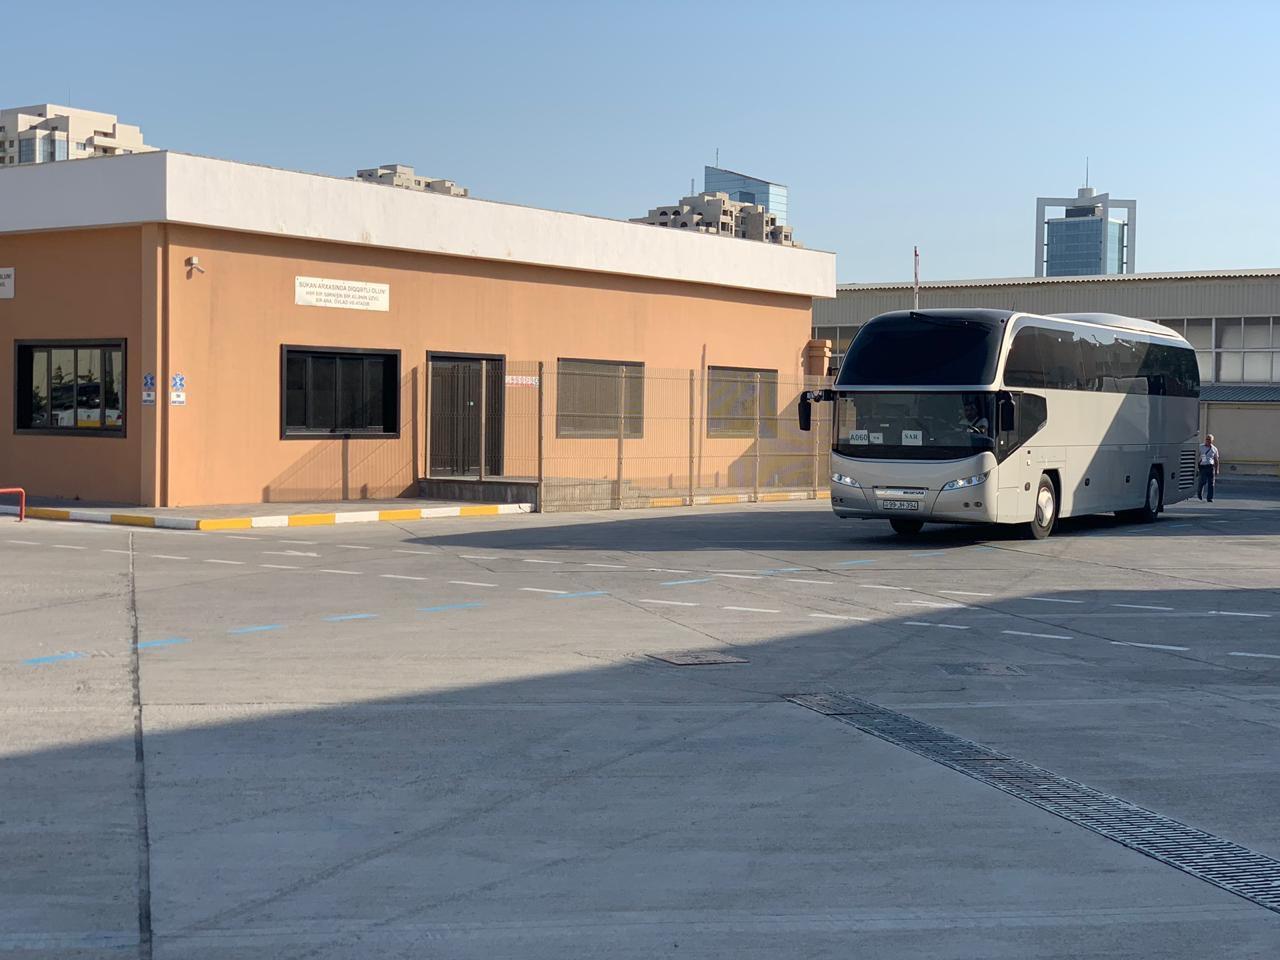 EYOF Bakı 2019-da qonaqların və atletlərin daşınmasına 140 avtobus və 38 miniavtobus cəlb edilib (FOTO) - Gallery Image